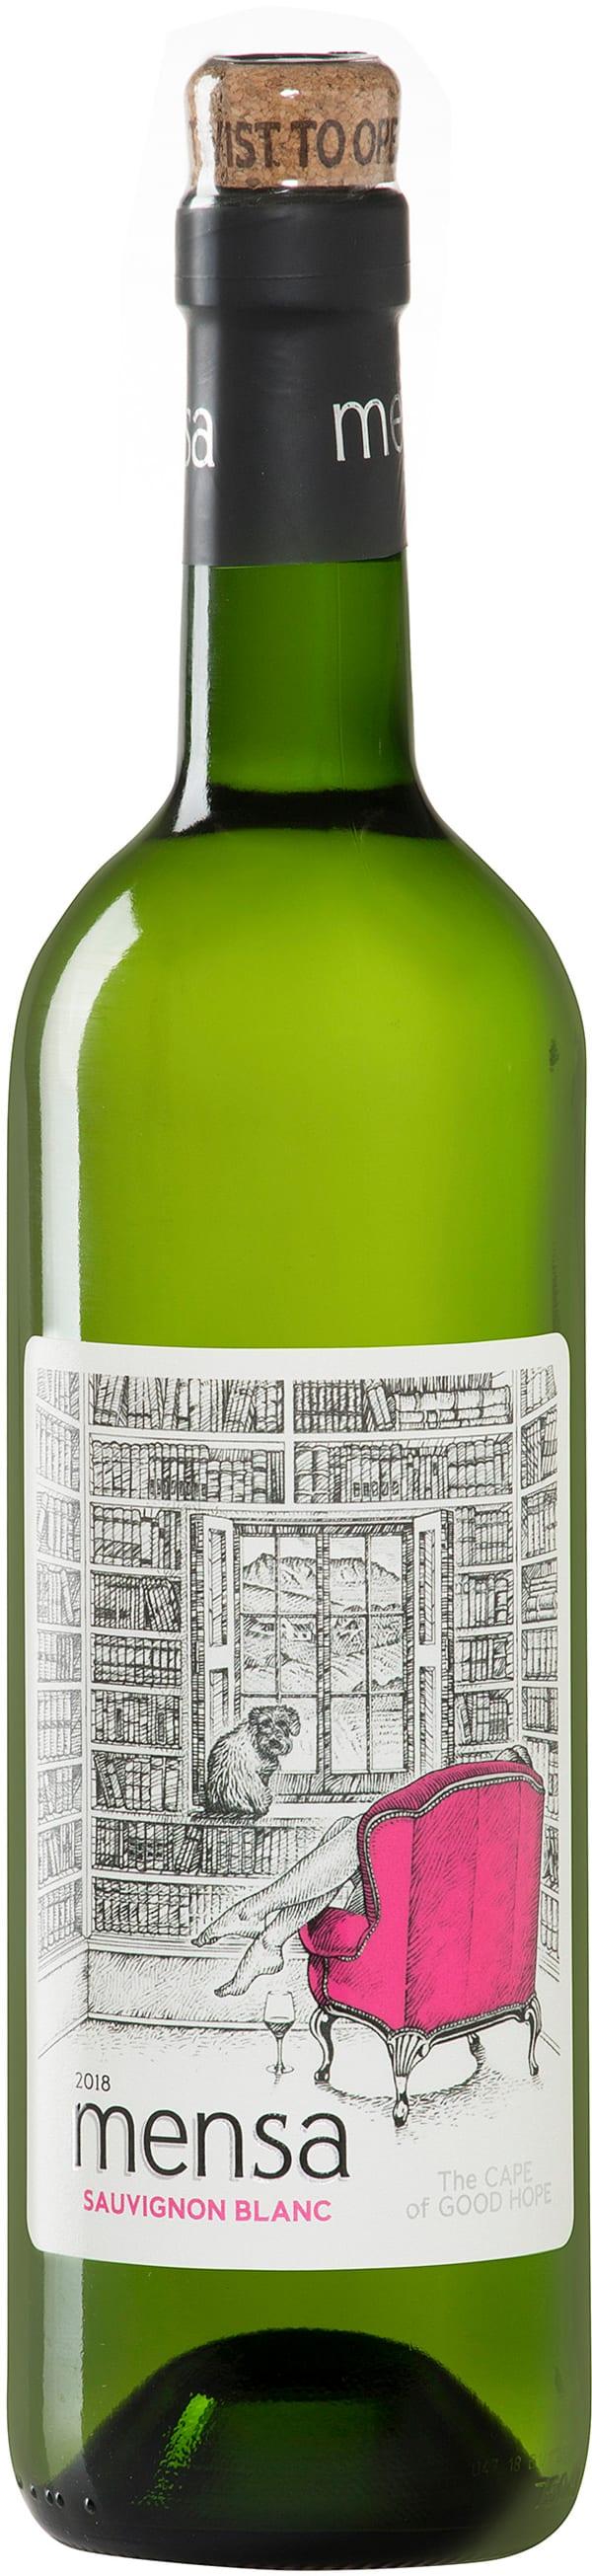 Mensa Sauvignon Blanc 2018